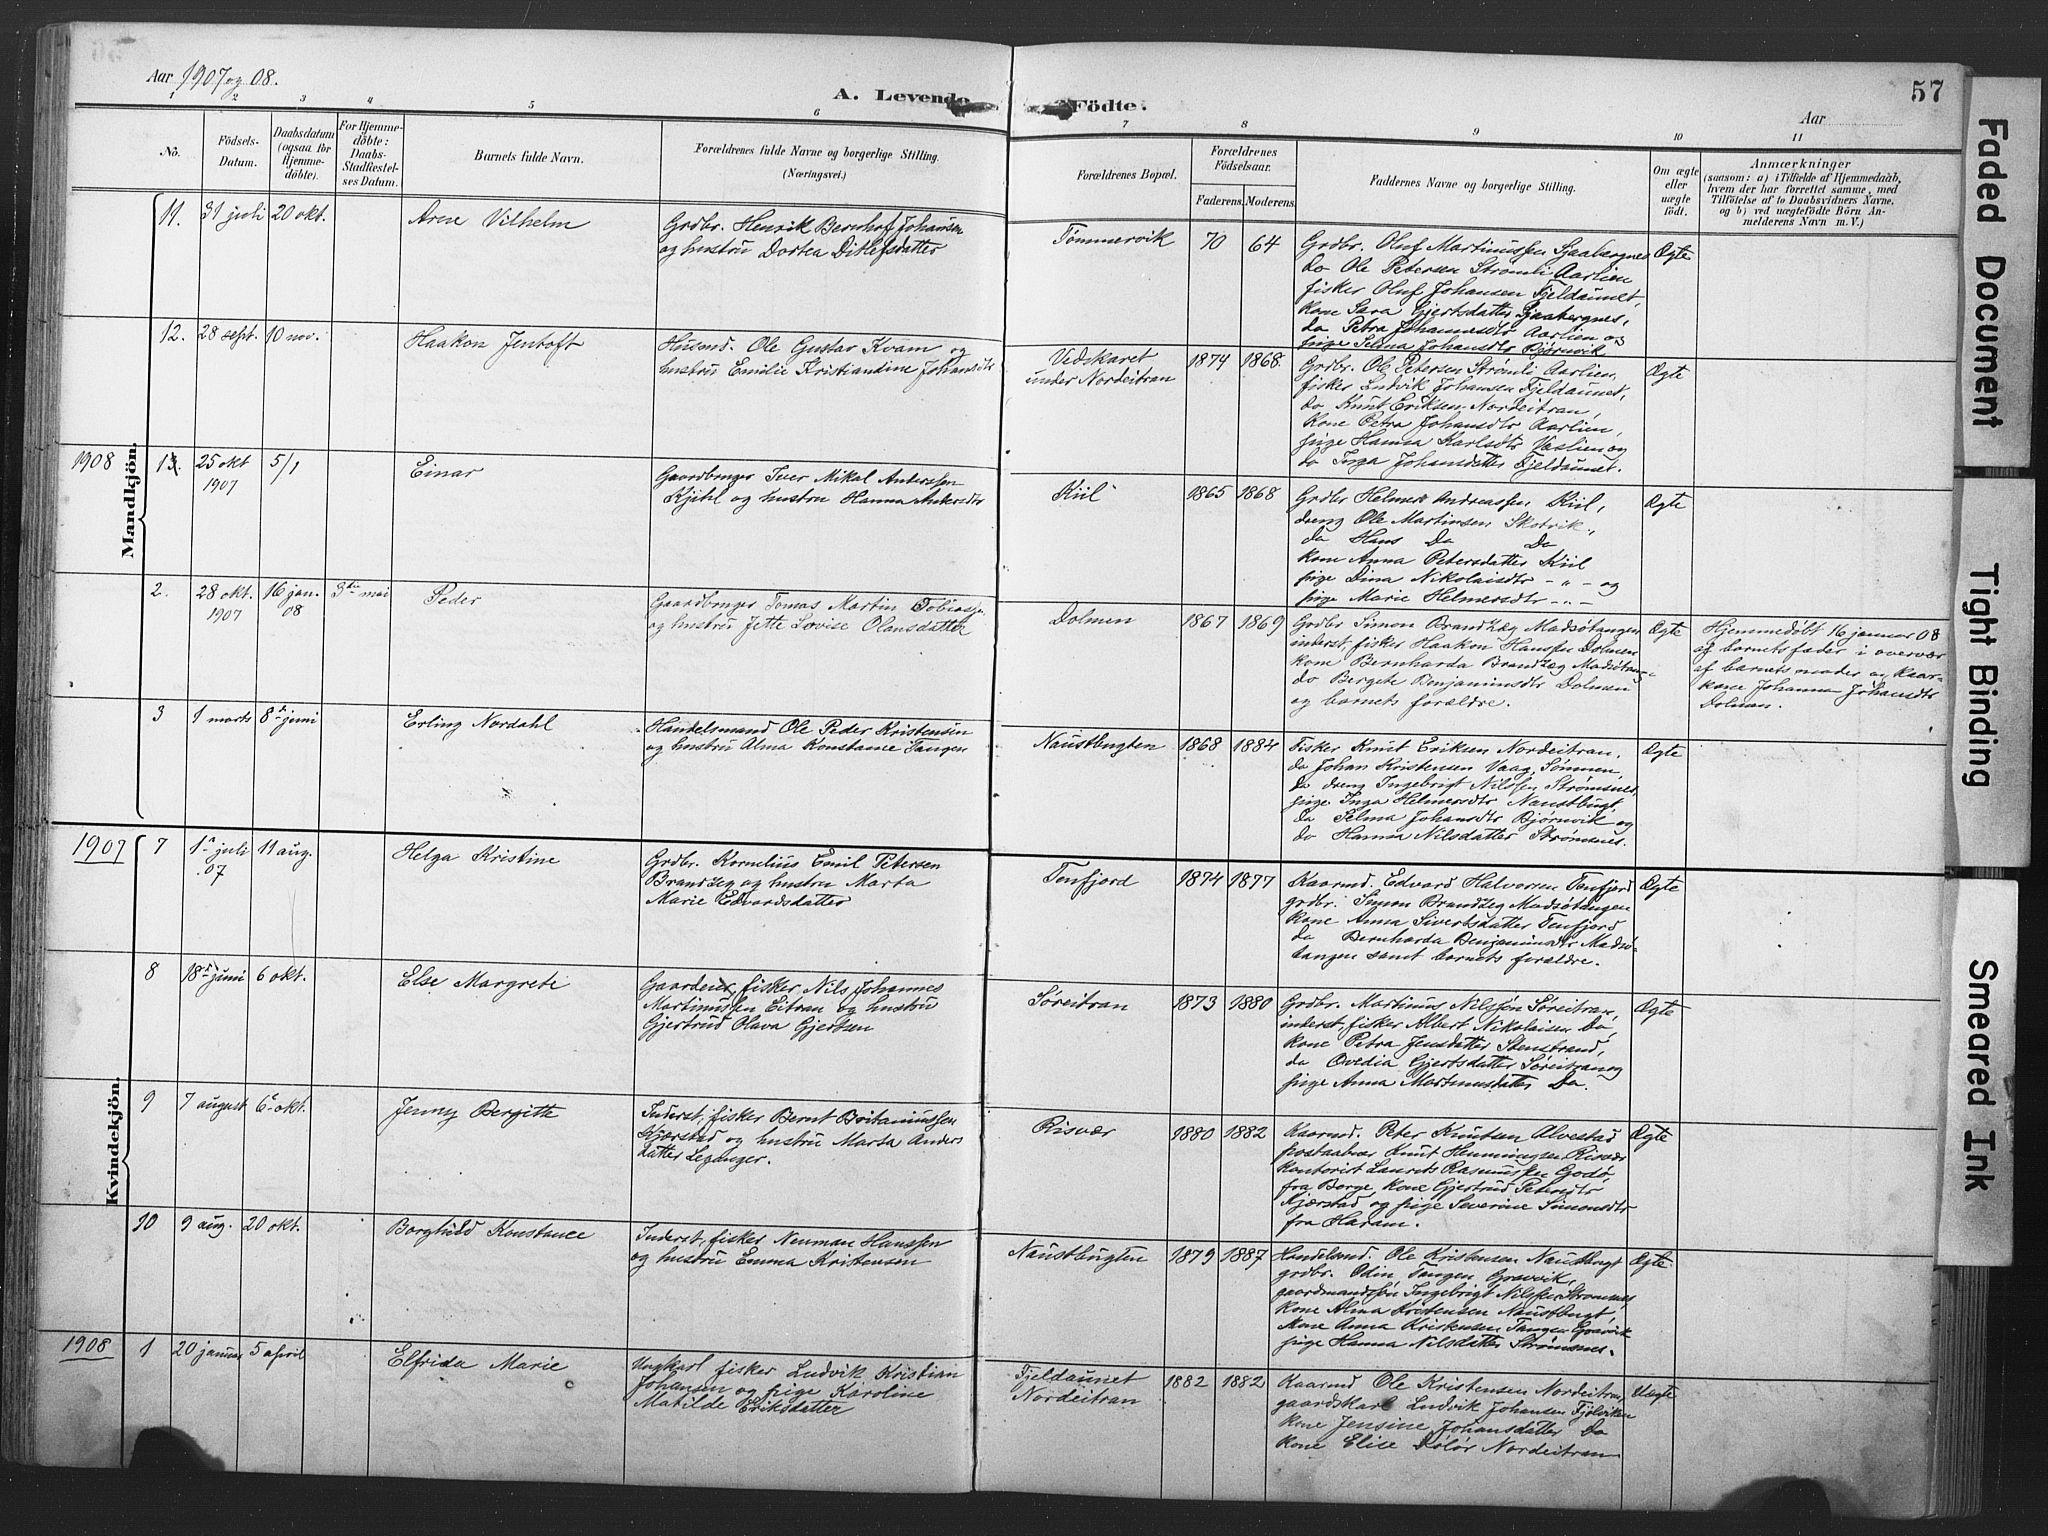 SAT, Ministerialprotokoller, klokkerbøker og fødselsregistre - Nord-Trøndelag, 789/L0706: Klokkerbok nr. 789C01, 1888-1931, s. 57